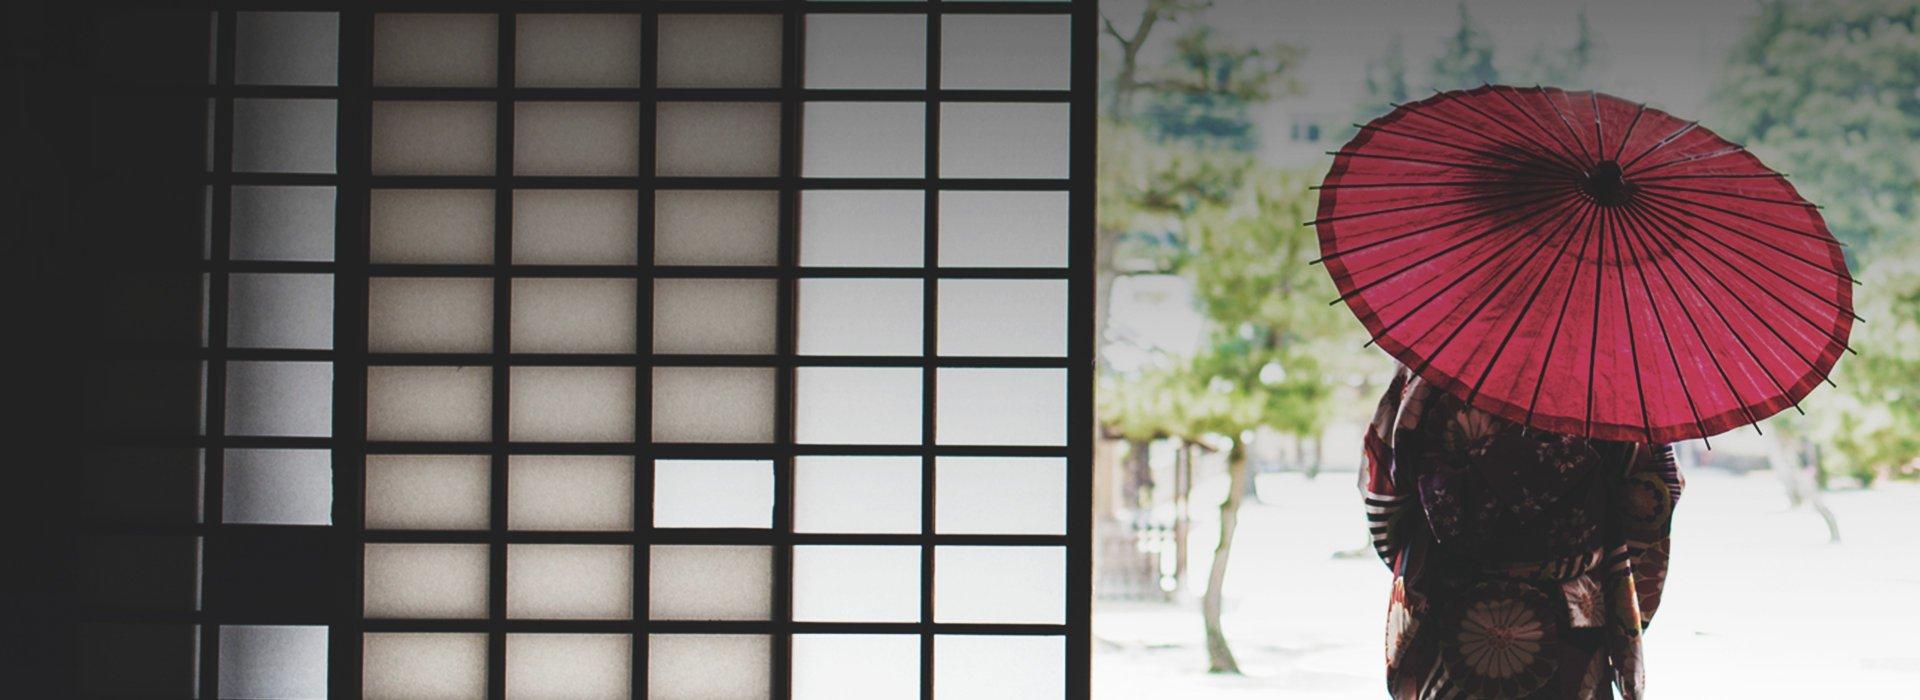 Кисти, карпы, кимоно